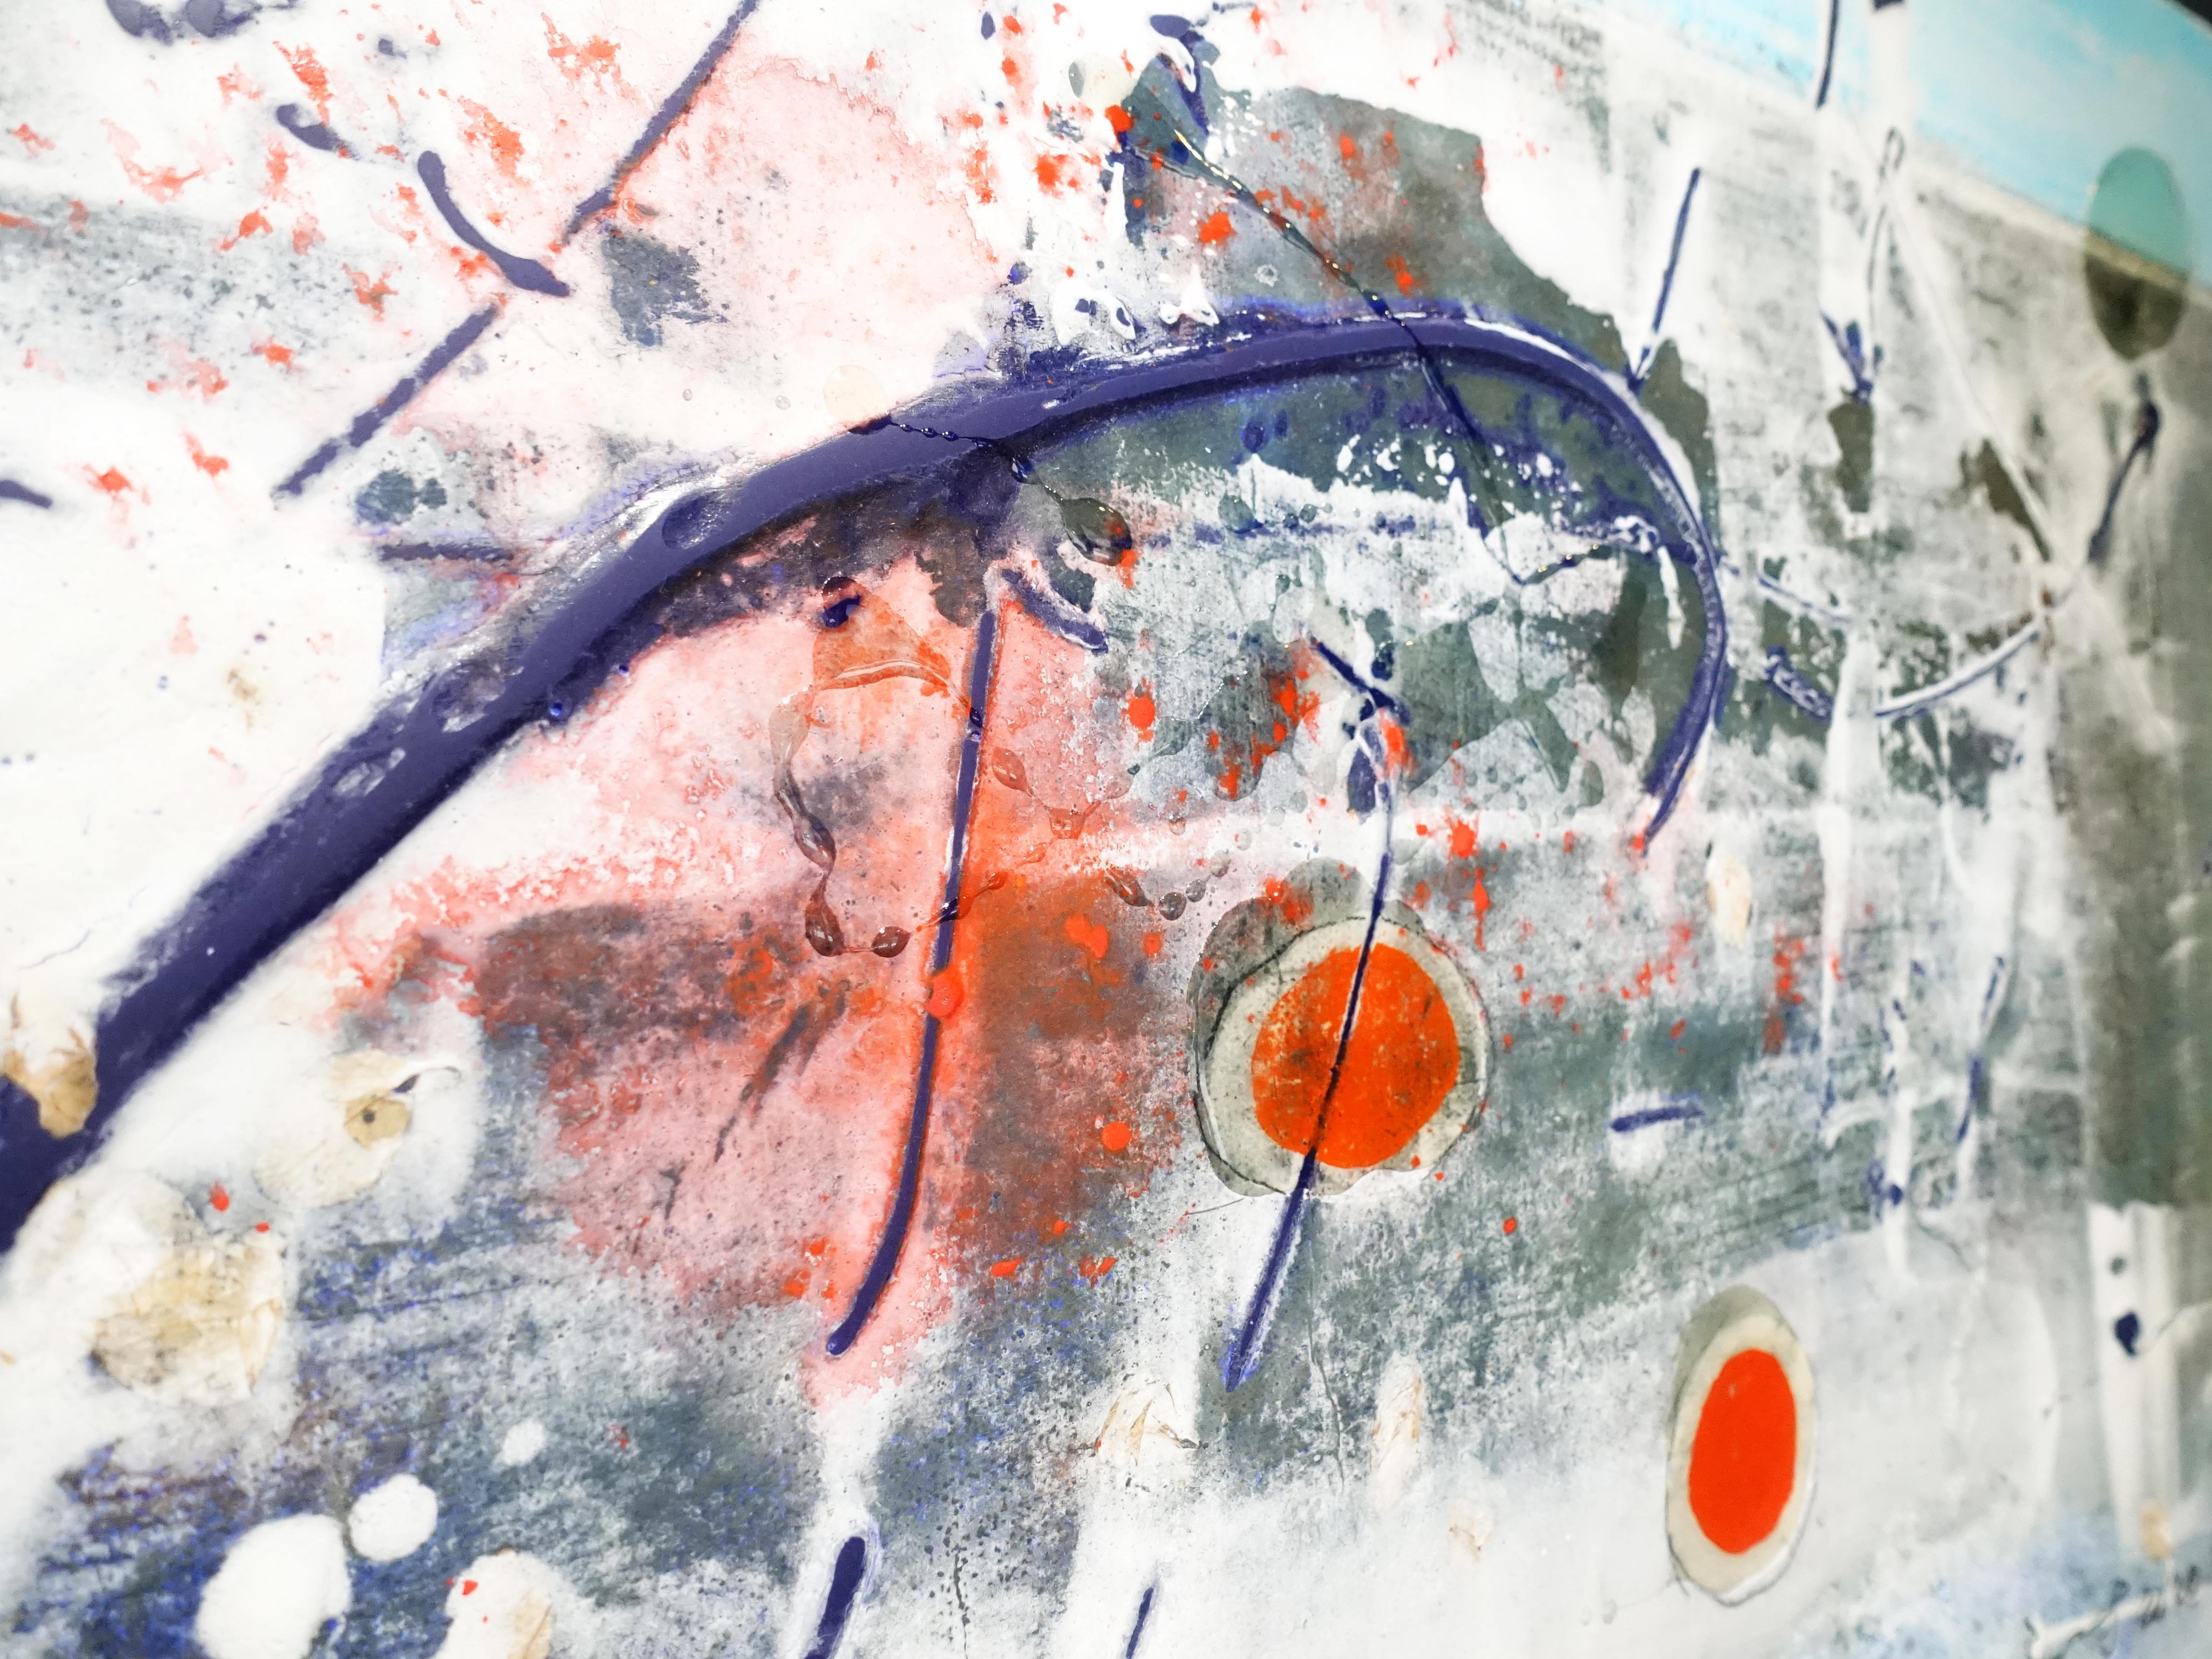 洪明爵,《火紅的印記》細節,90 x50 cm,複合媒材,2020。